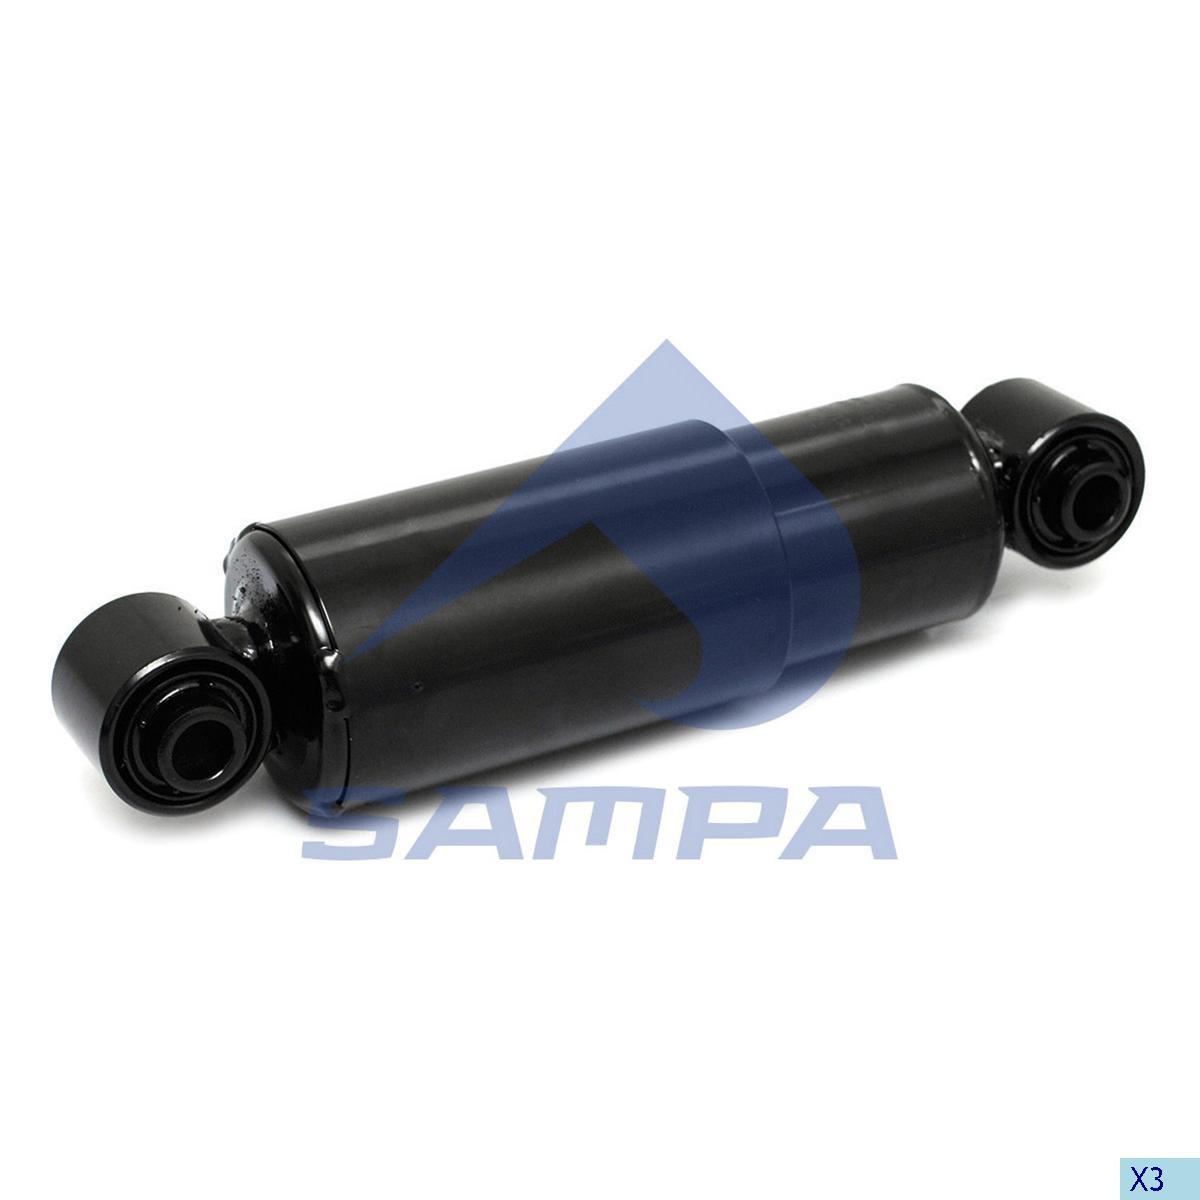 Аммортизатор оси (273-383) 16x16 (Schmitz) (Sachs) photo